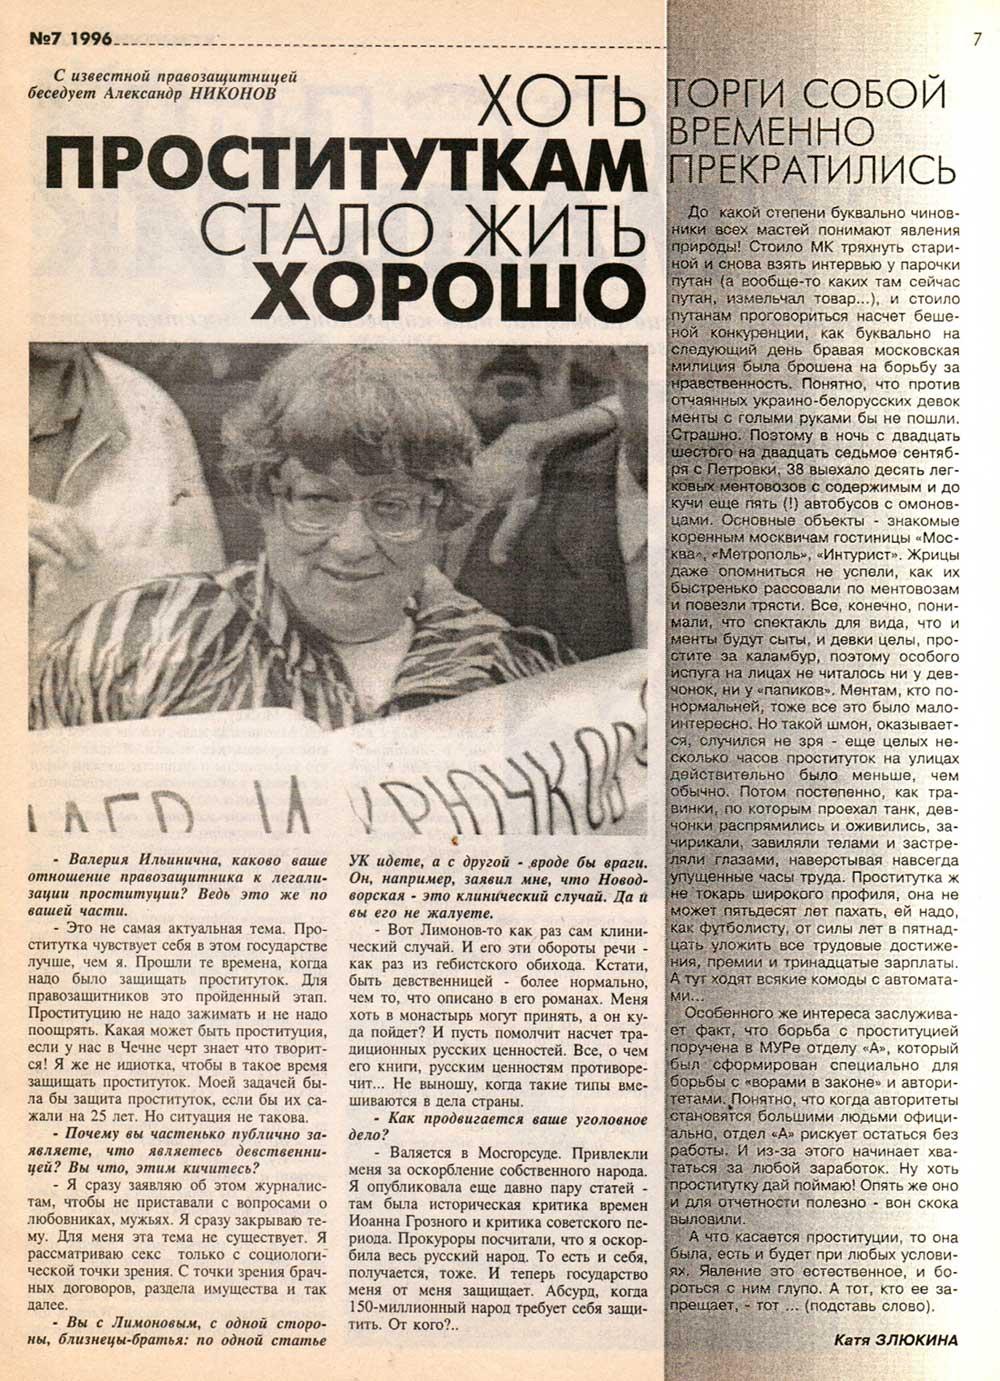 Новодворская сказала до 21.10.1996-www